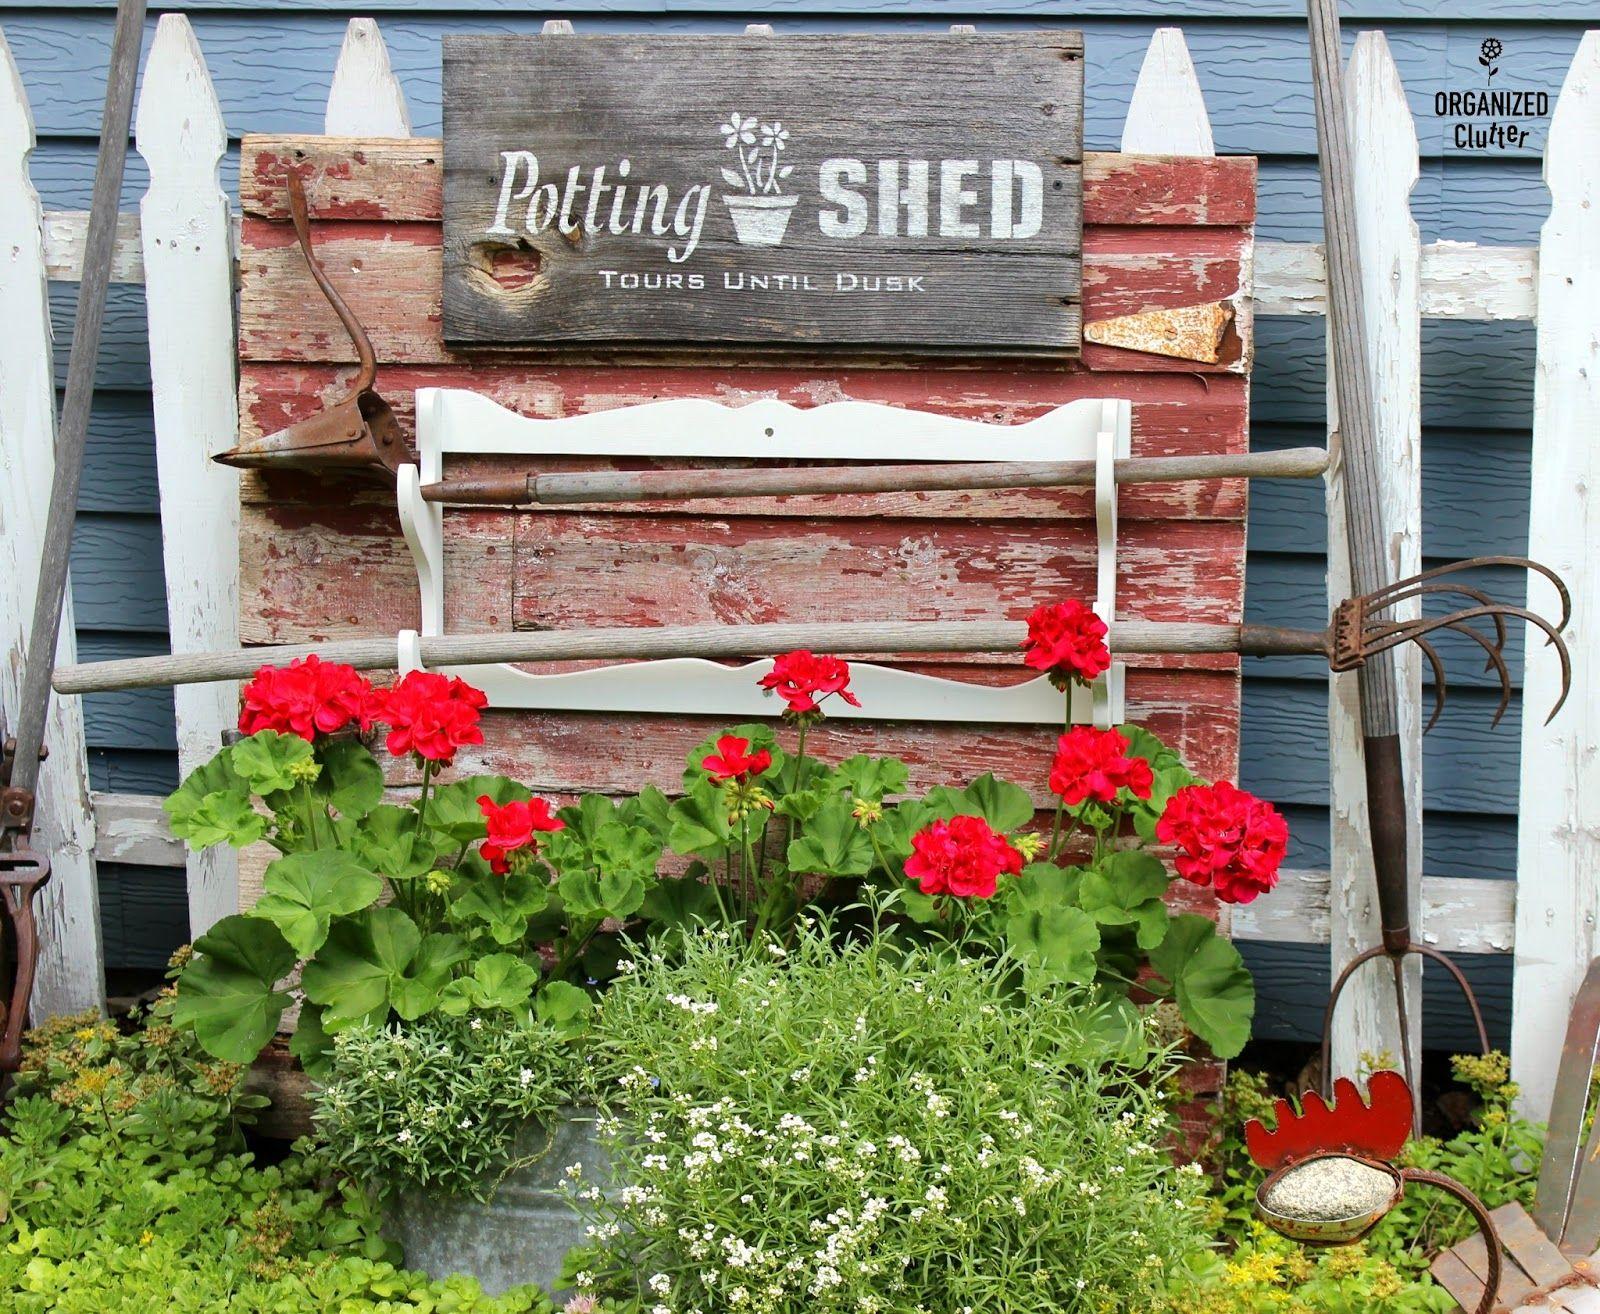 Junk Garden Tour 2016 organizedclutter.net   gardening   Pinterest ...